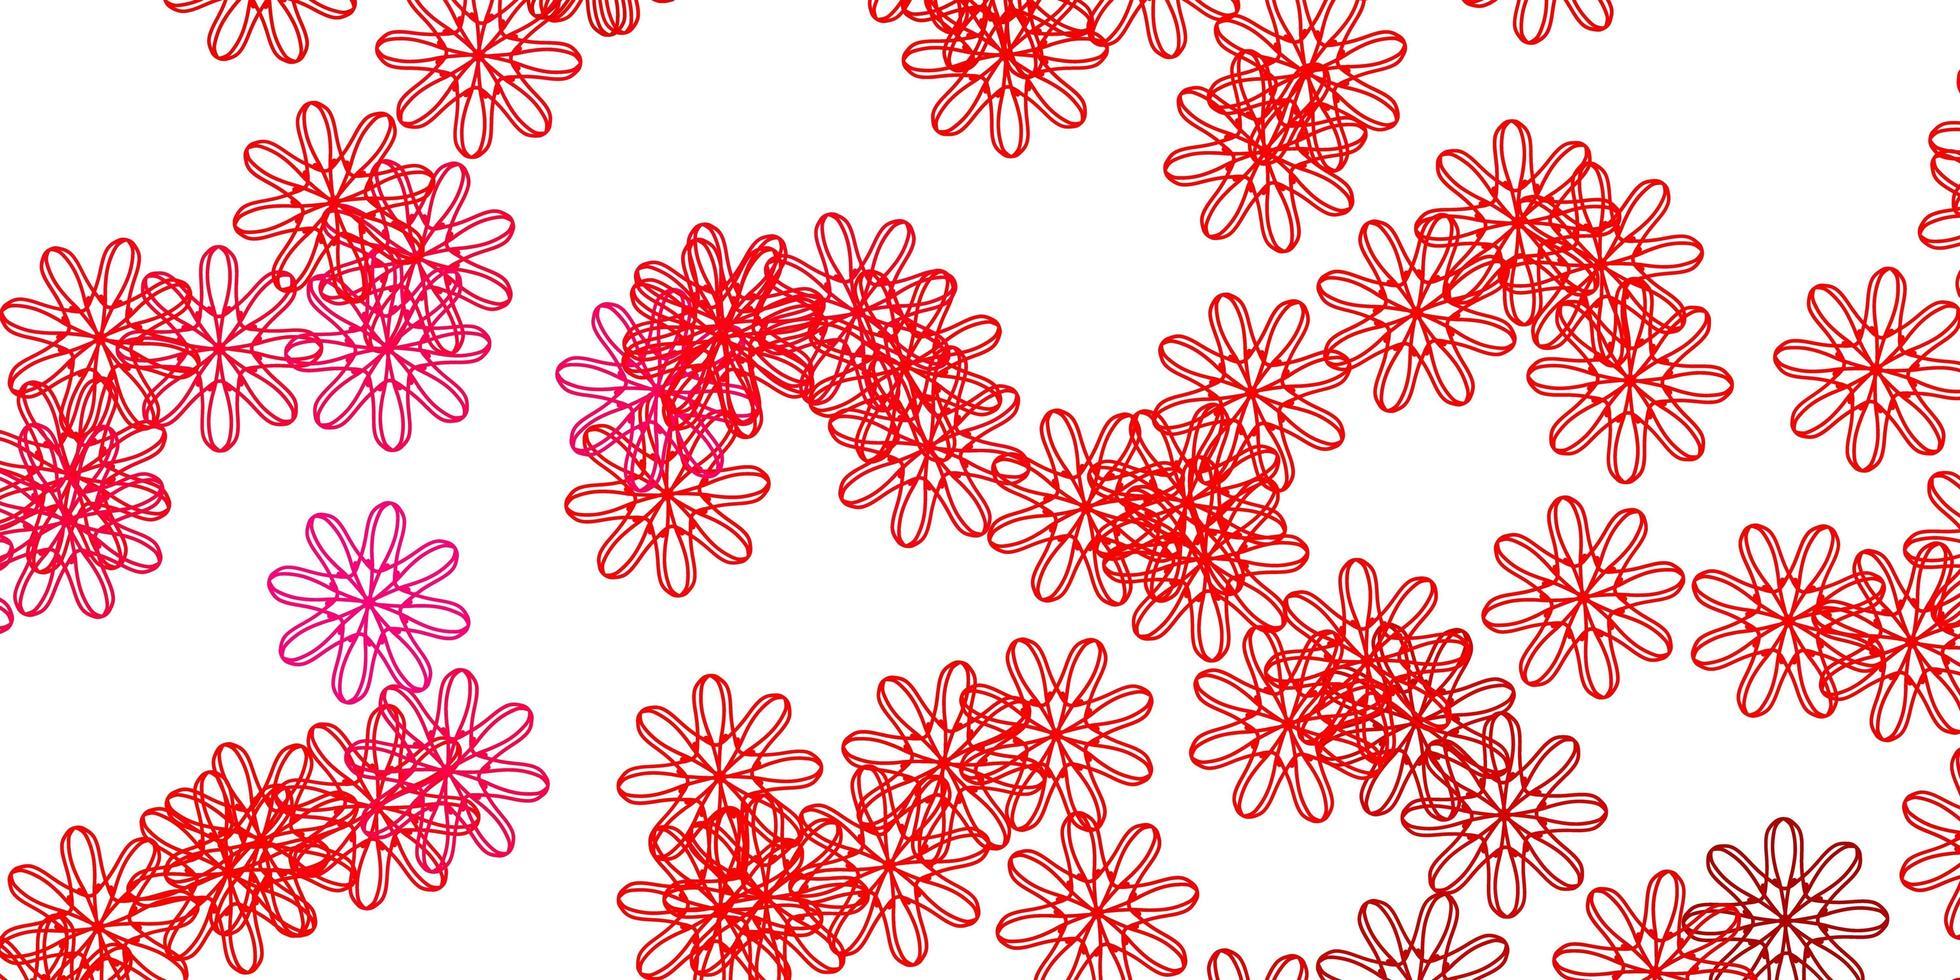 ljusrosa, röd vektor naturlig bakgrund med blommor.